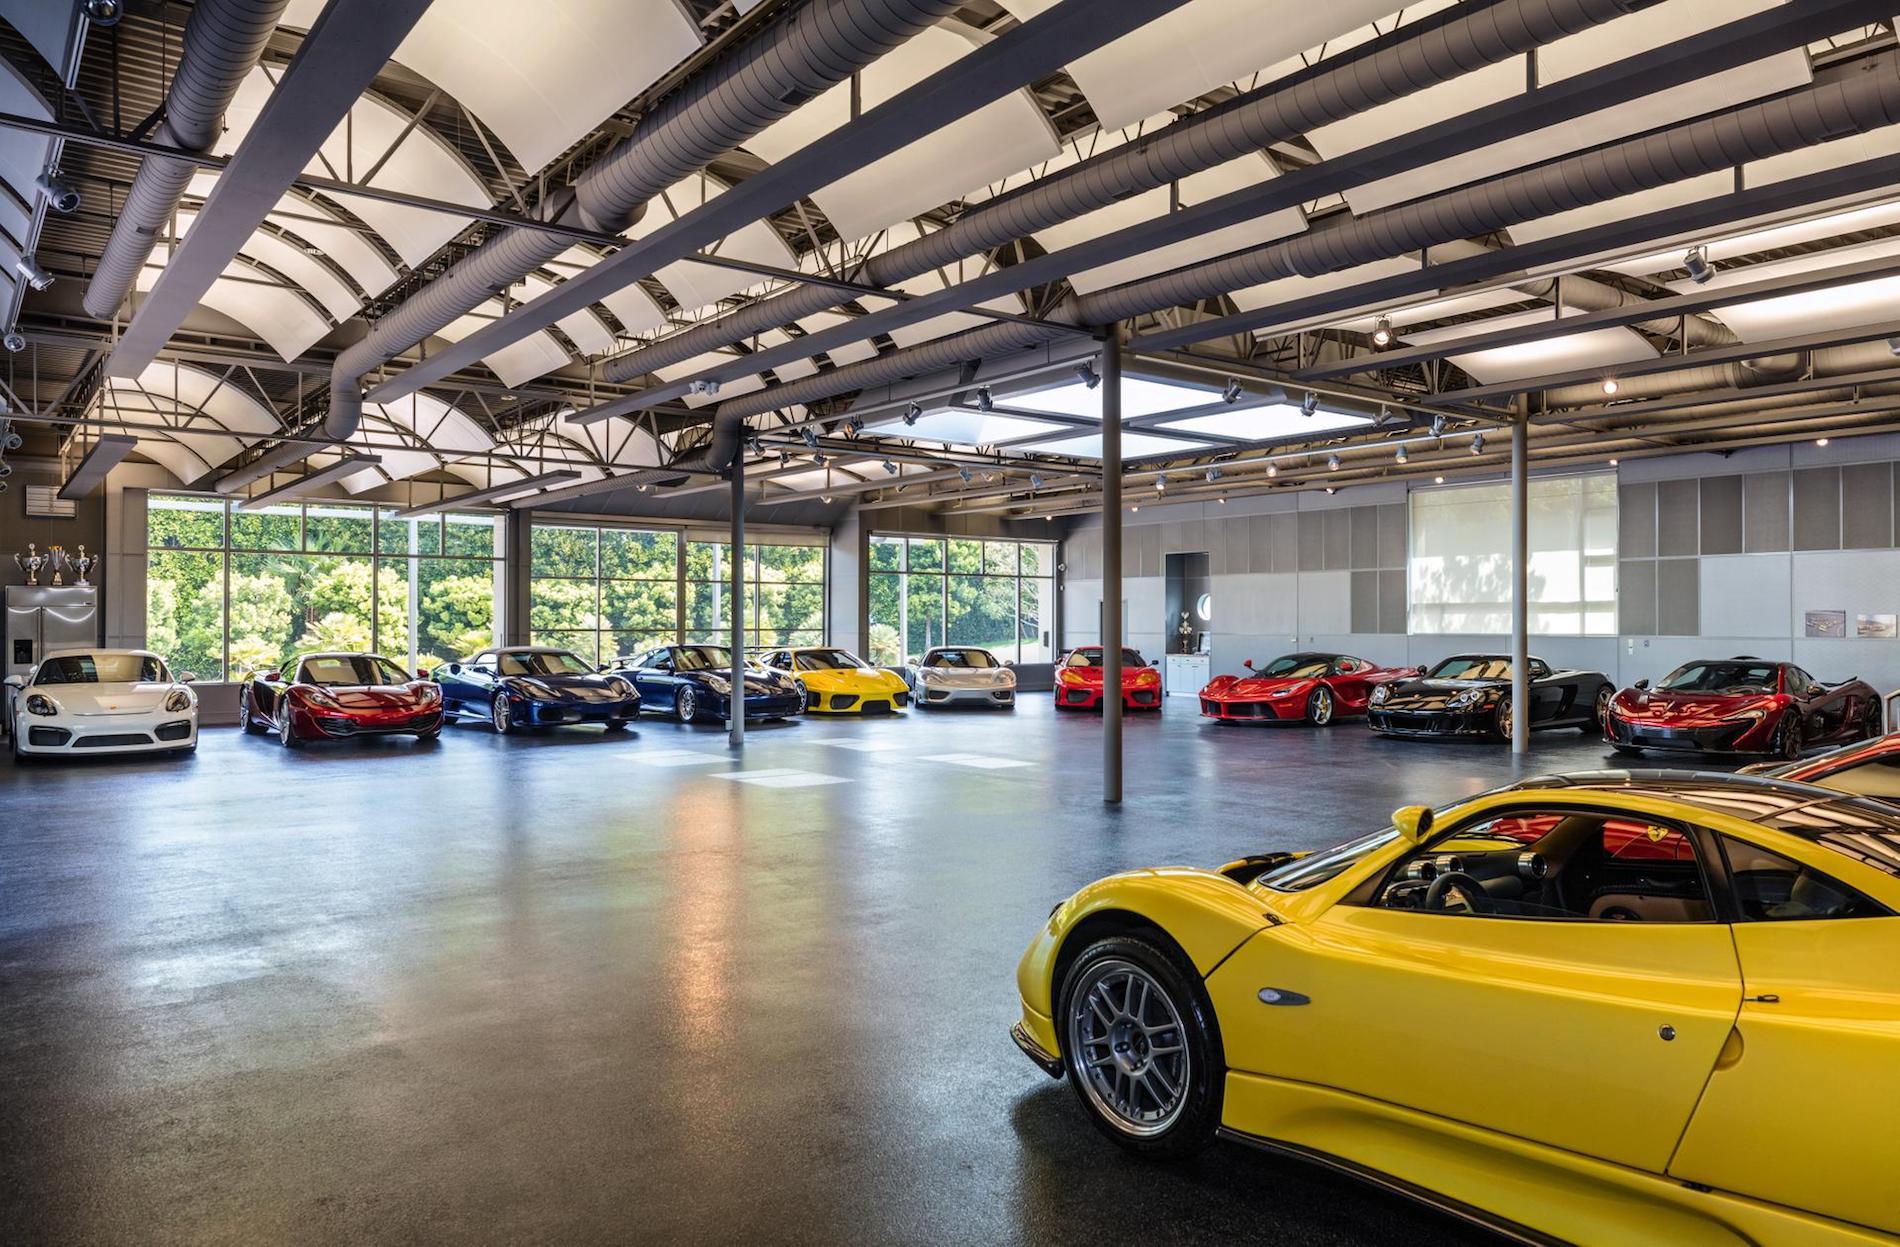 Eine Garage für $10 Millionen Dollar: Das private Automuseum in Malibu wird verkauft 1